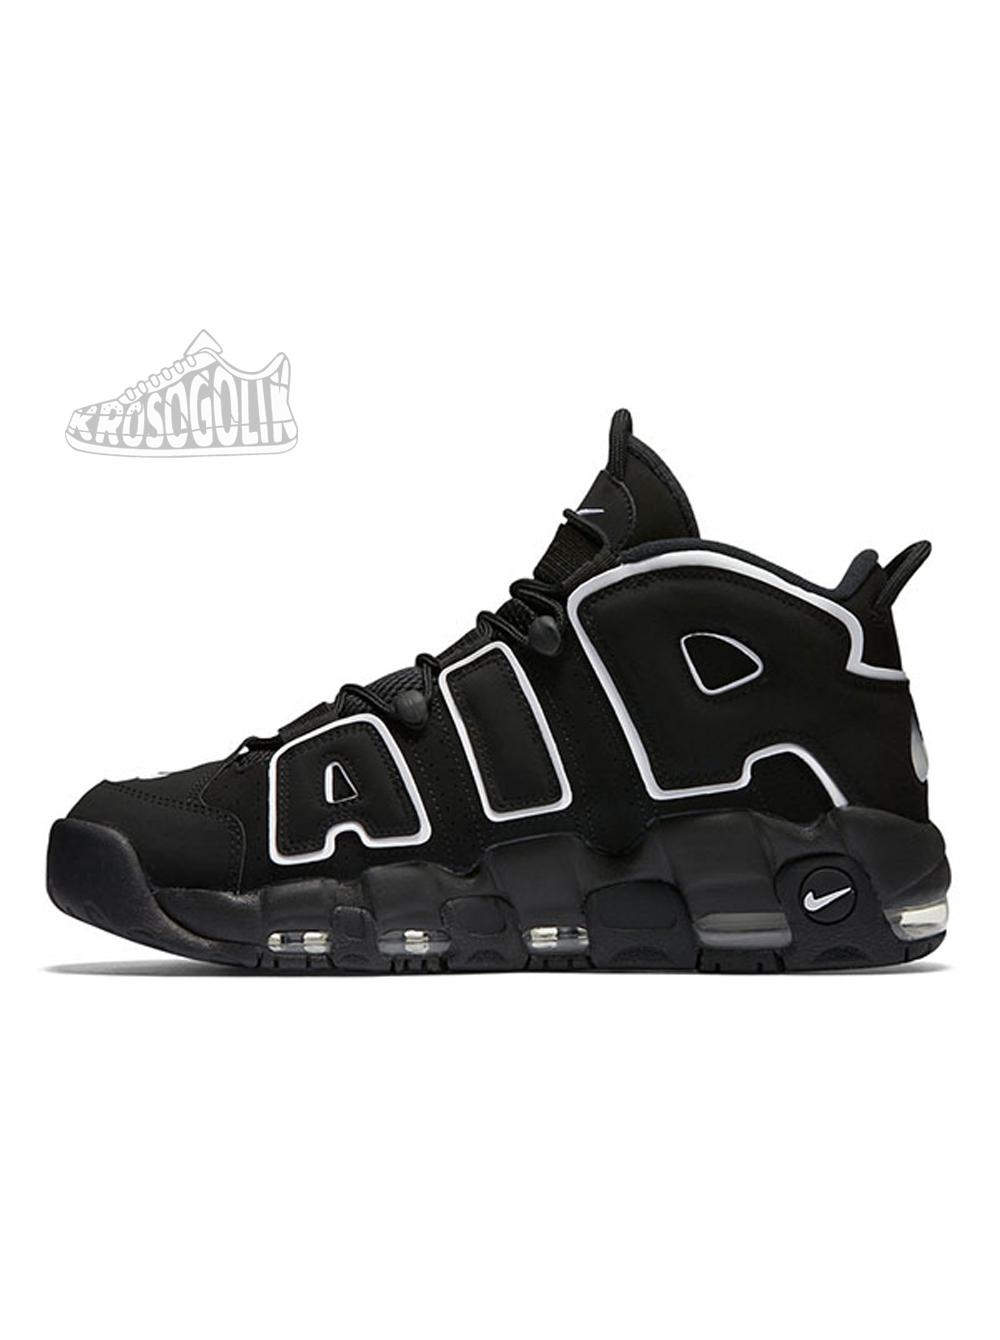 6a450c8f6dd2 Купить мужские кроссовки Nike Air More Uptempo на krosogolik.com